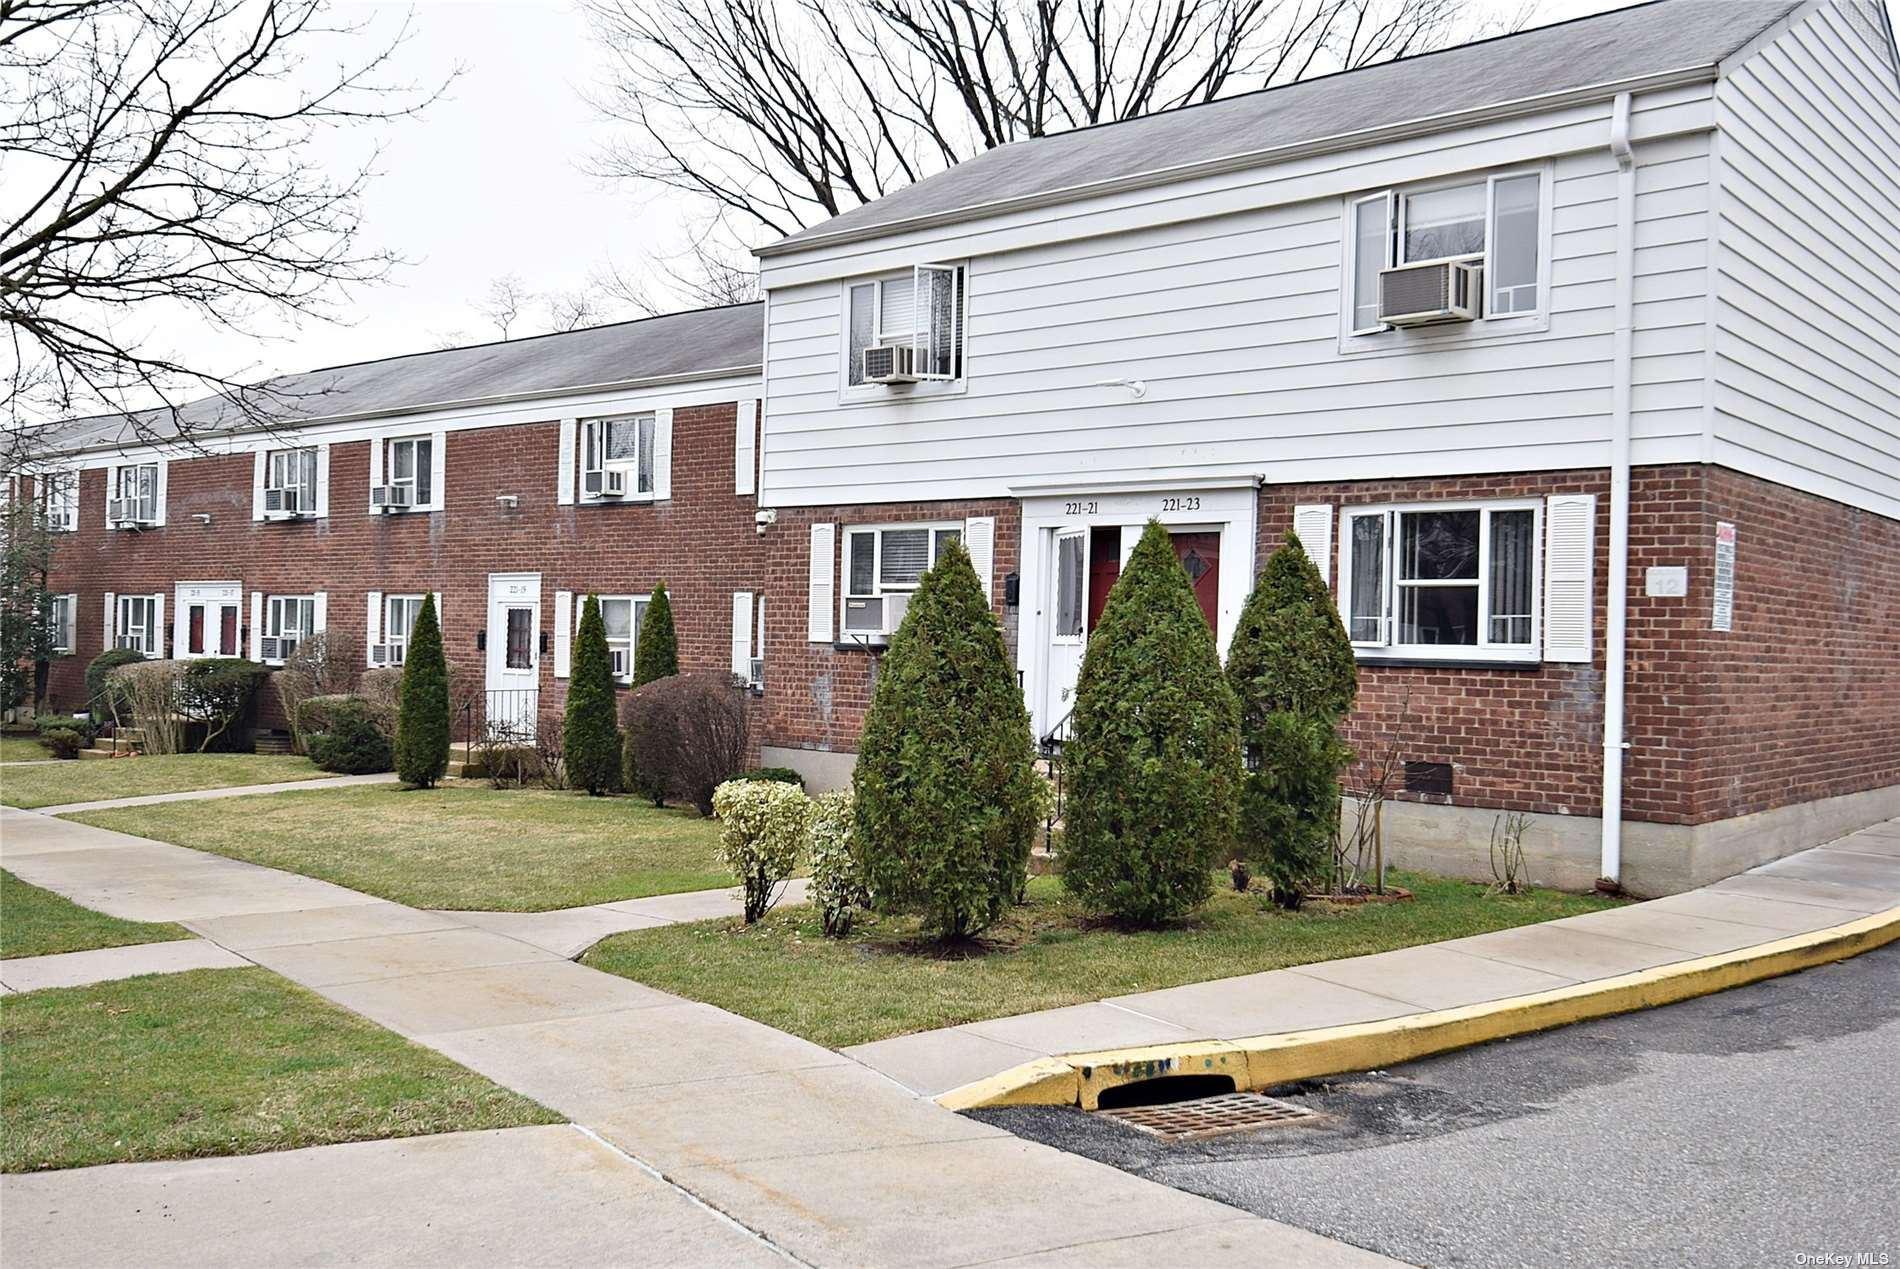 221-21 Manor Road #Duplex, Queens Village, NY 11427 - MLS#: 3280387